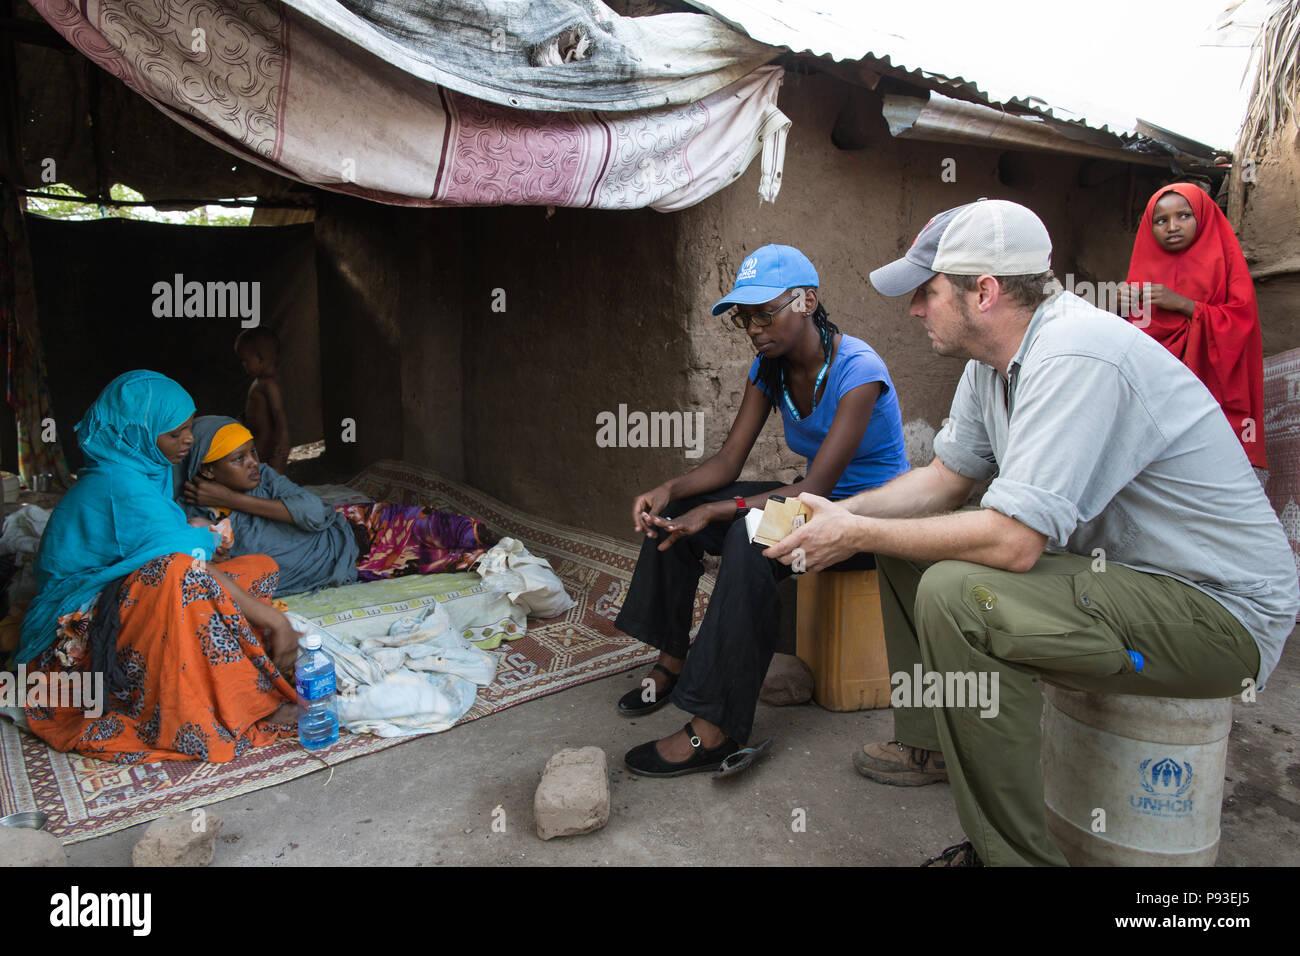 Kakuma, Kenya - Kai Feldhaus, reportero y periodista del periódico Bild en conversación con una familia de refugiados en el campamento de refugiados de Kakuma. Foto de stock